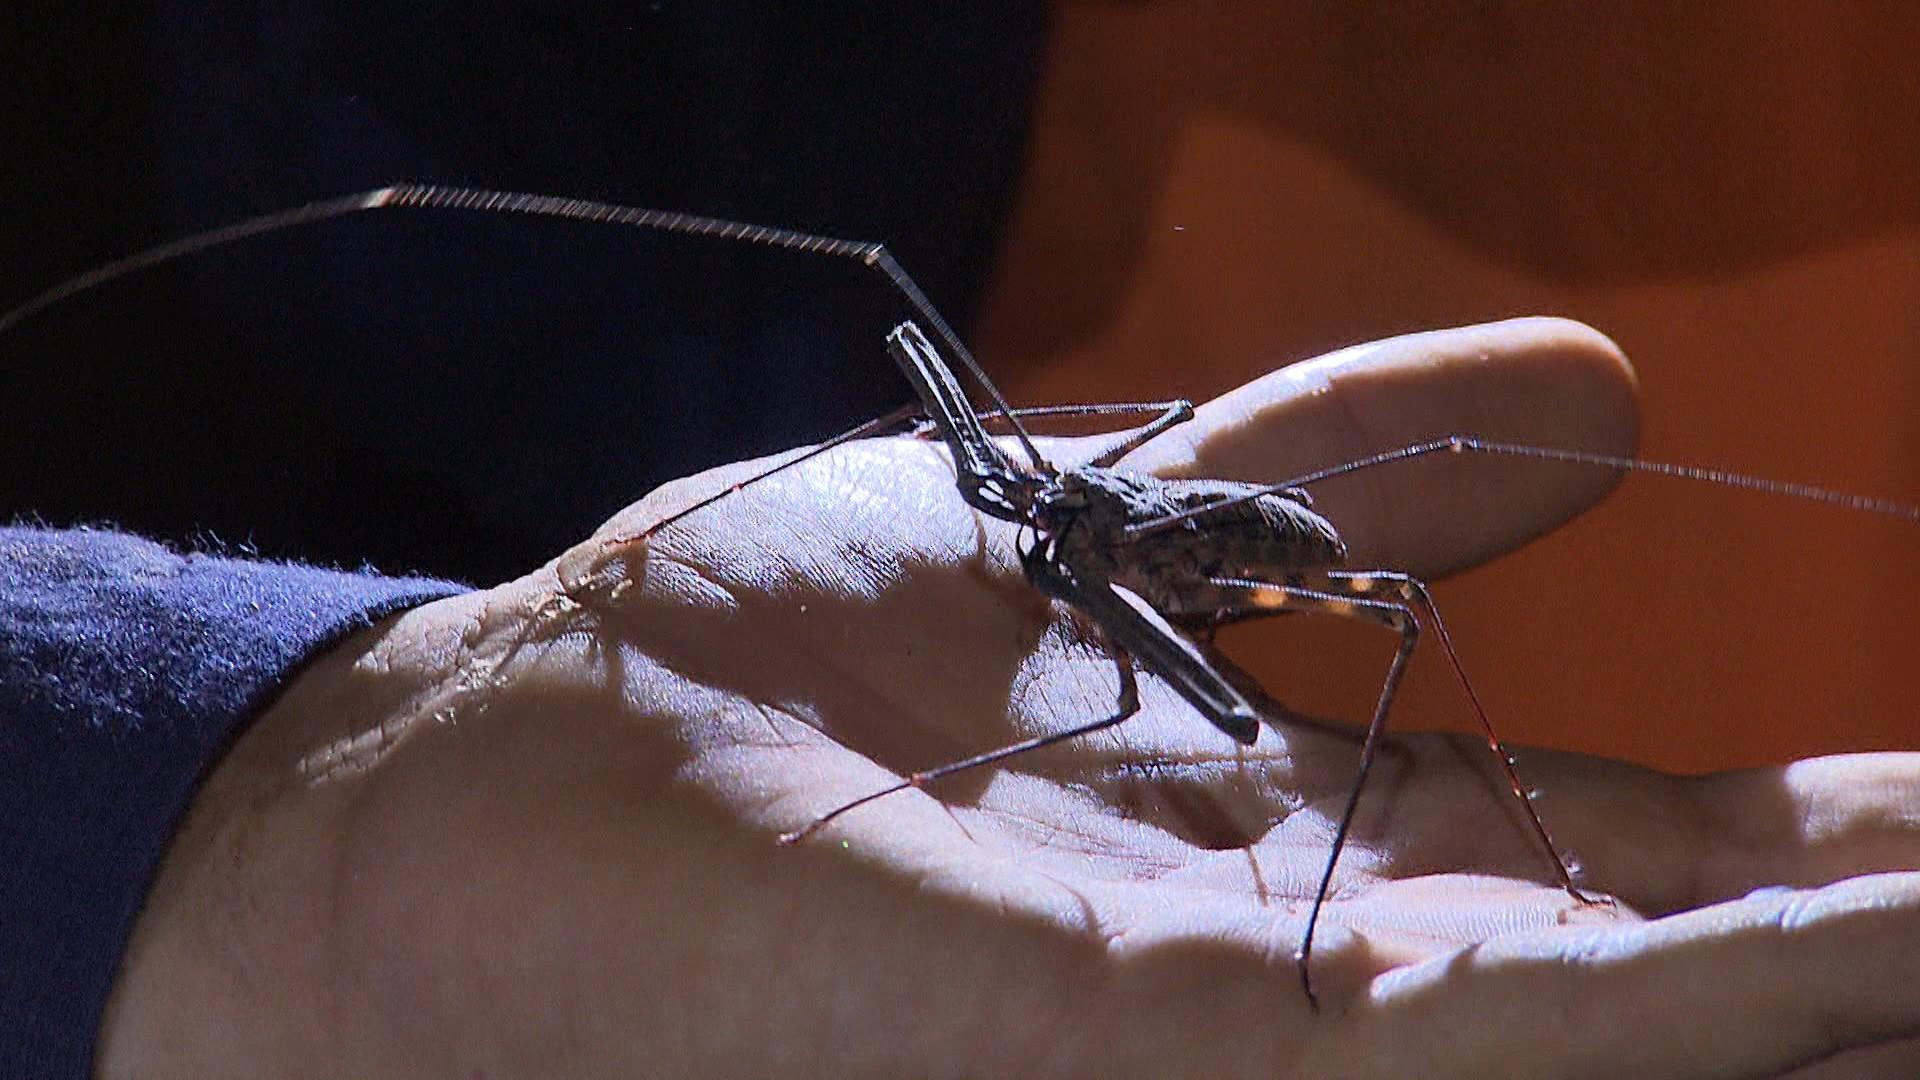 Na Toca do Angico é possível encontrar aranha famosa do filme 'Harry Potter' (Foto: Divulgação)